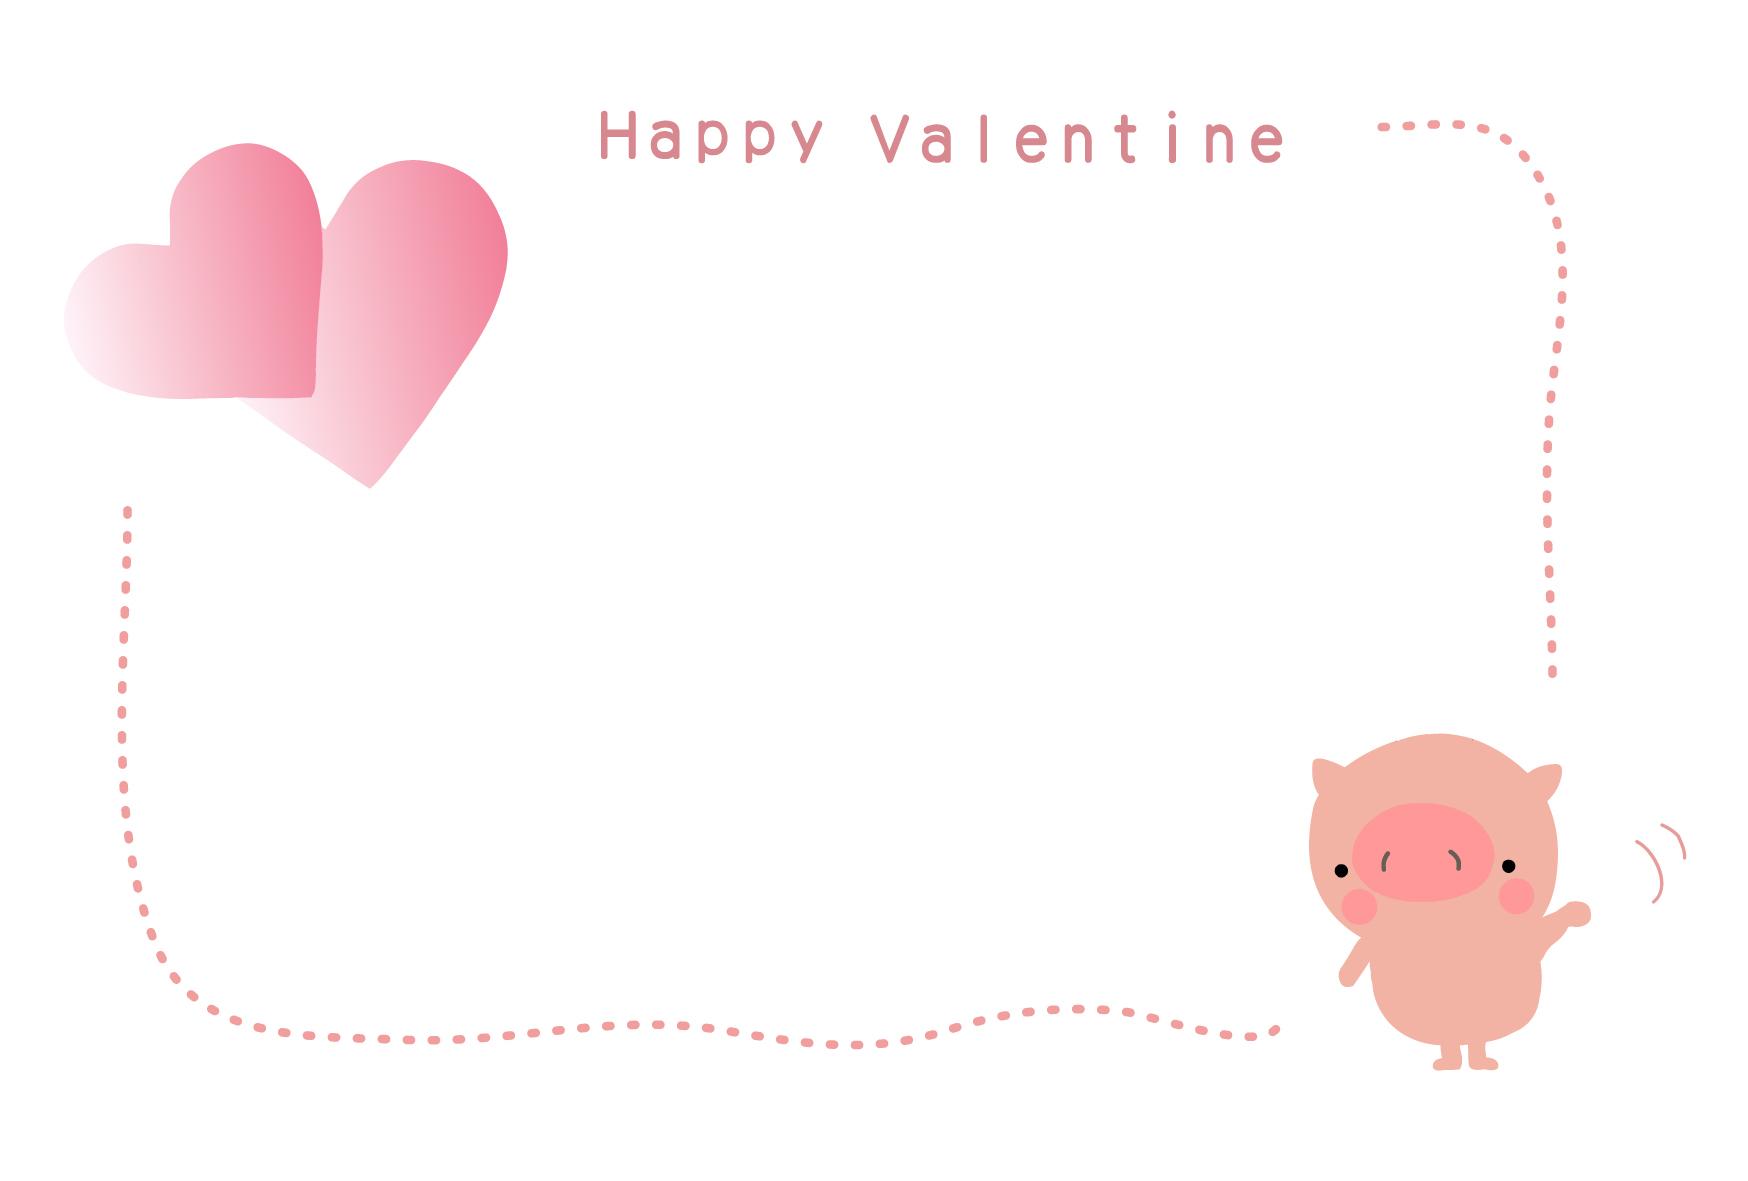 バレンタインのカード-無料素材